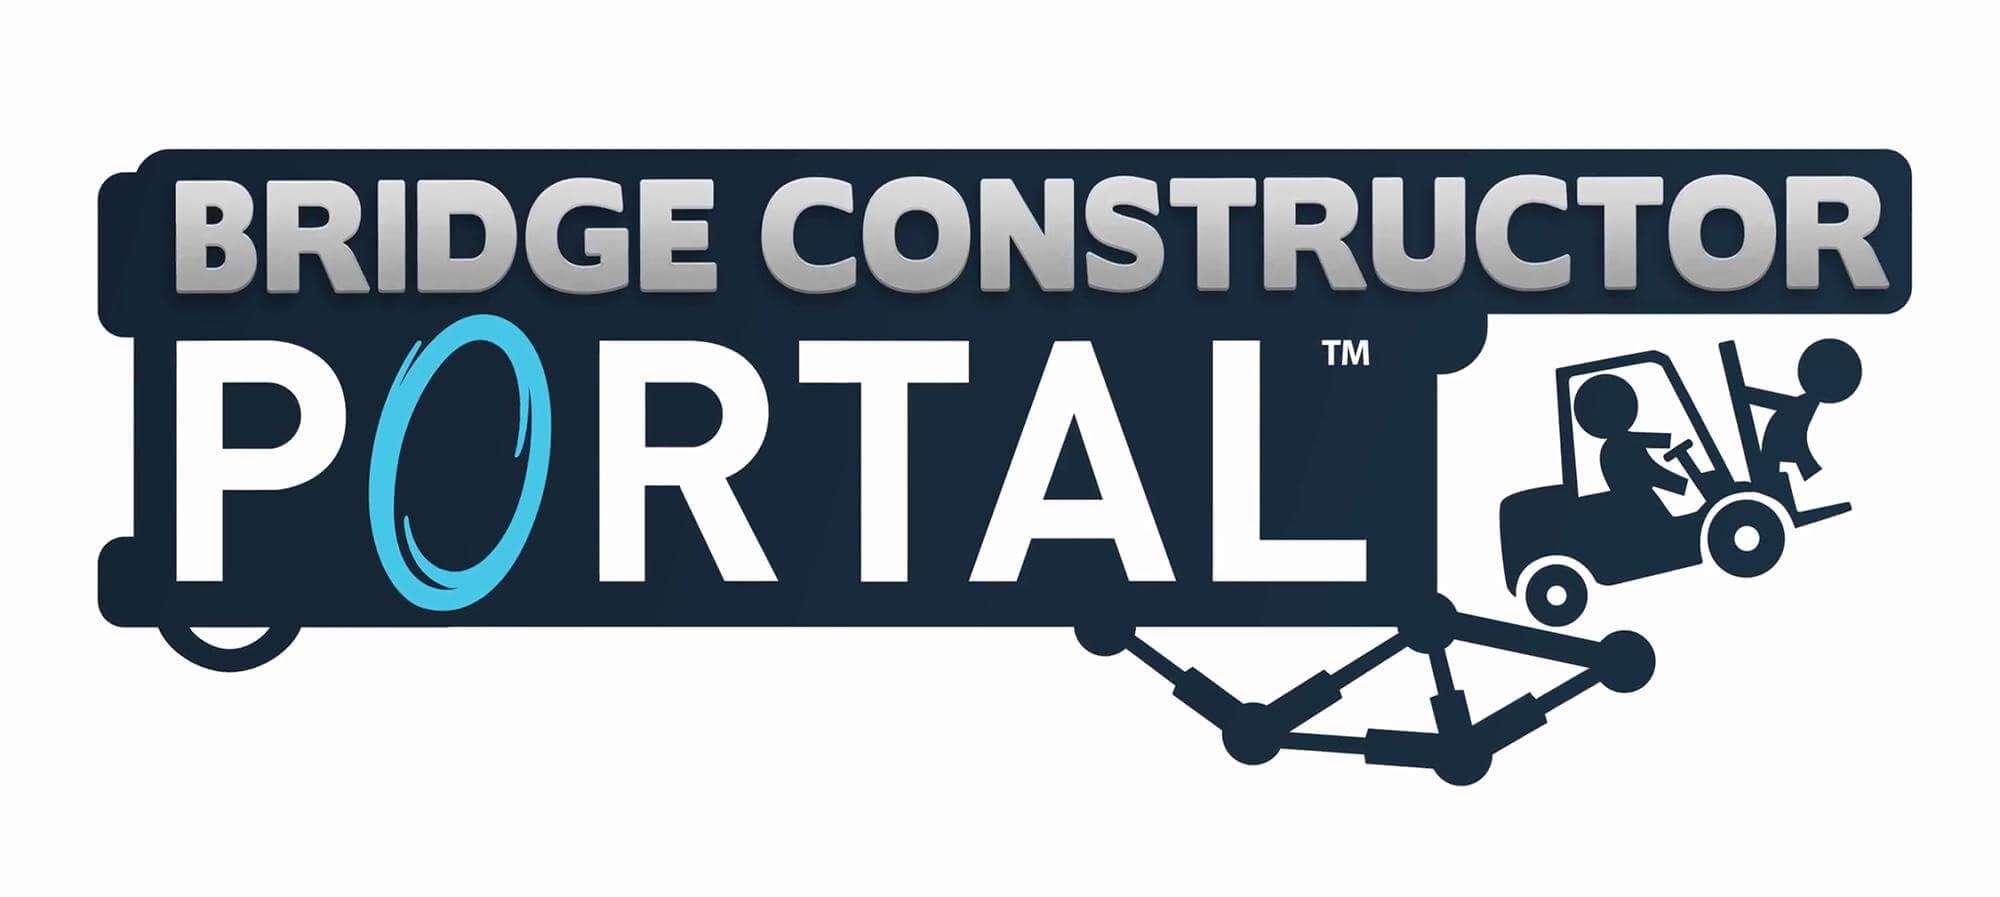 Bridge Constructor Portal utiliza a tecnologia da Aperture Labs na construção de pontes